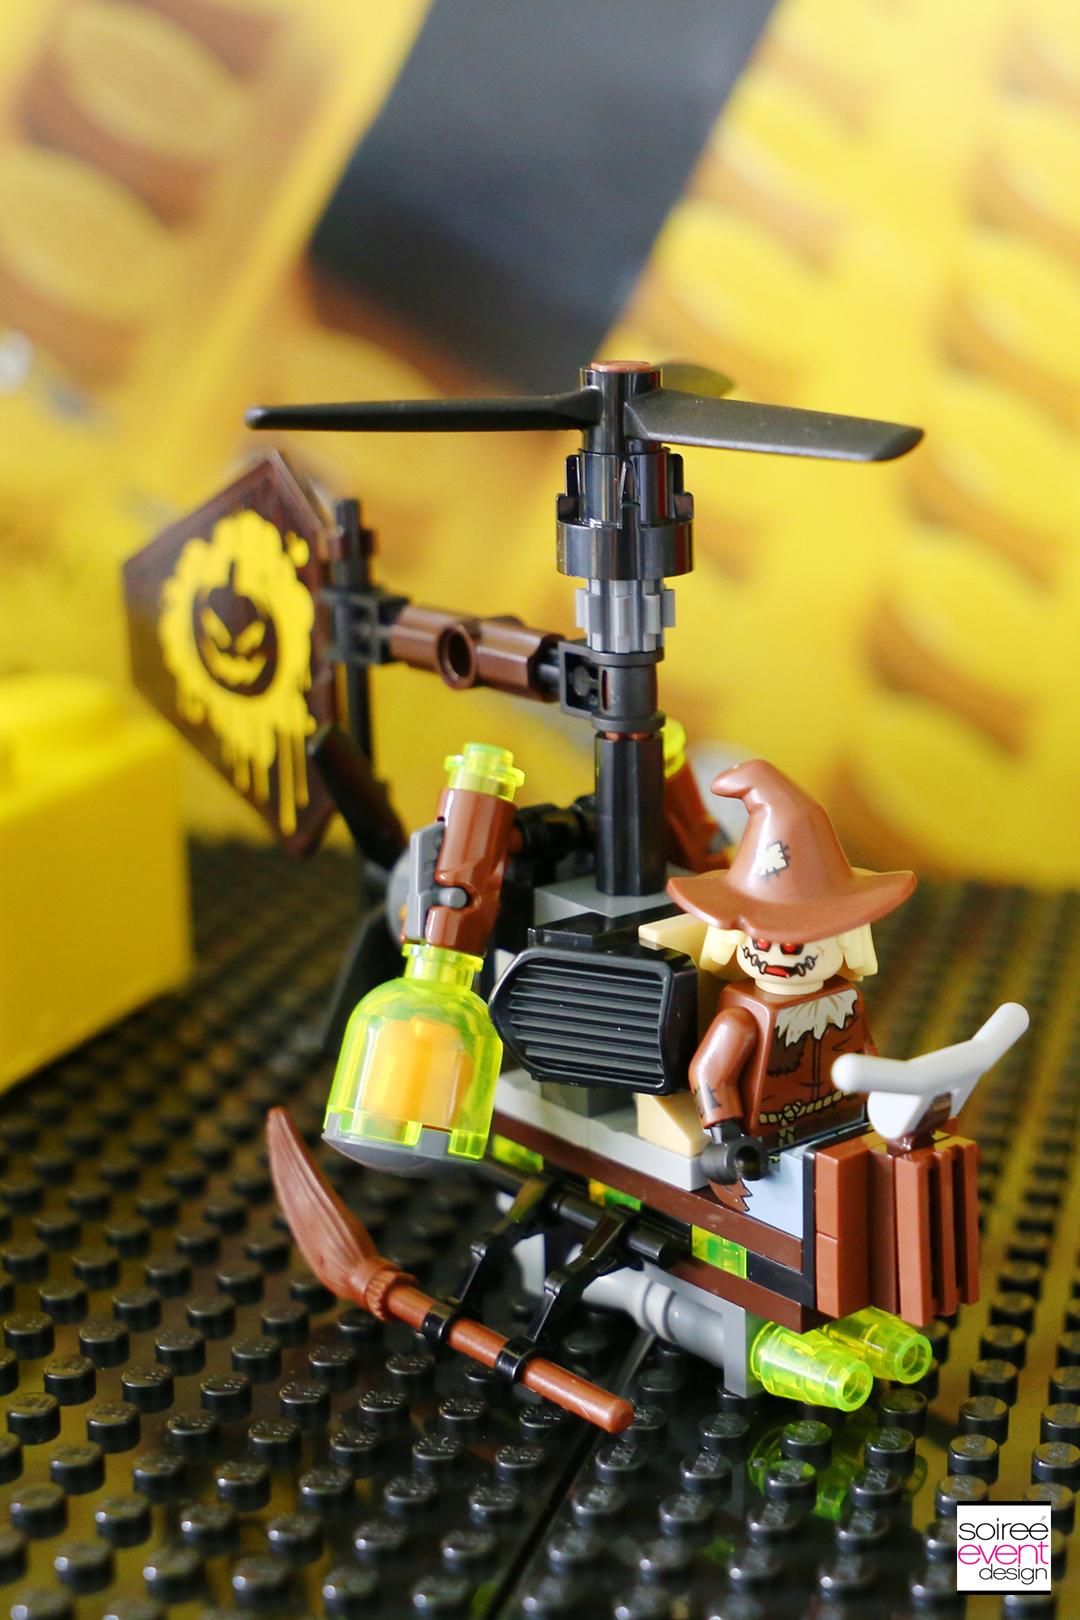 Lego Batman Party Ideas - Toy Decorations